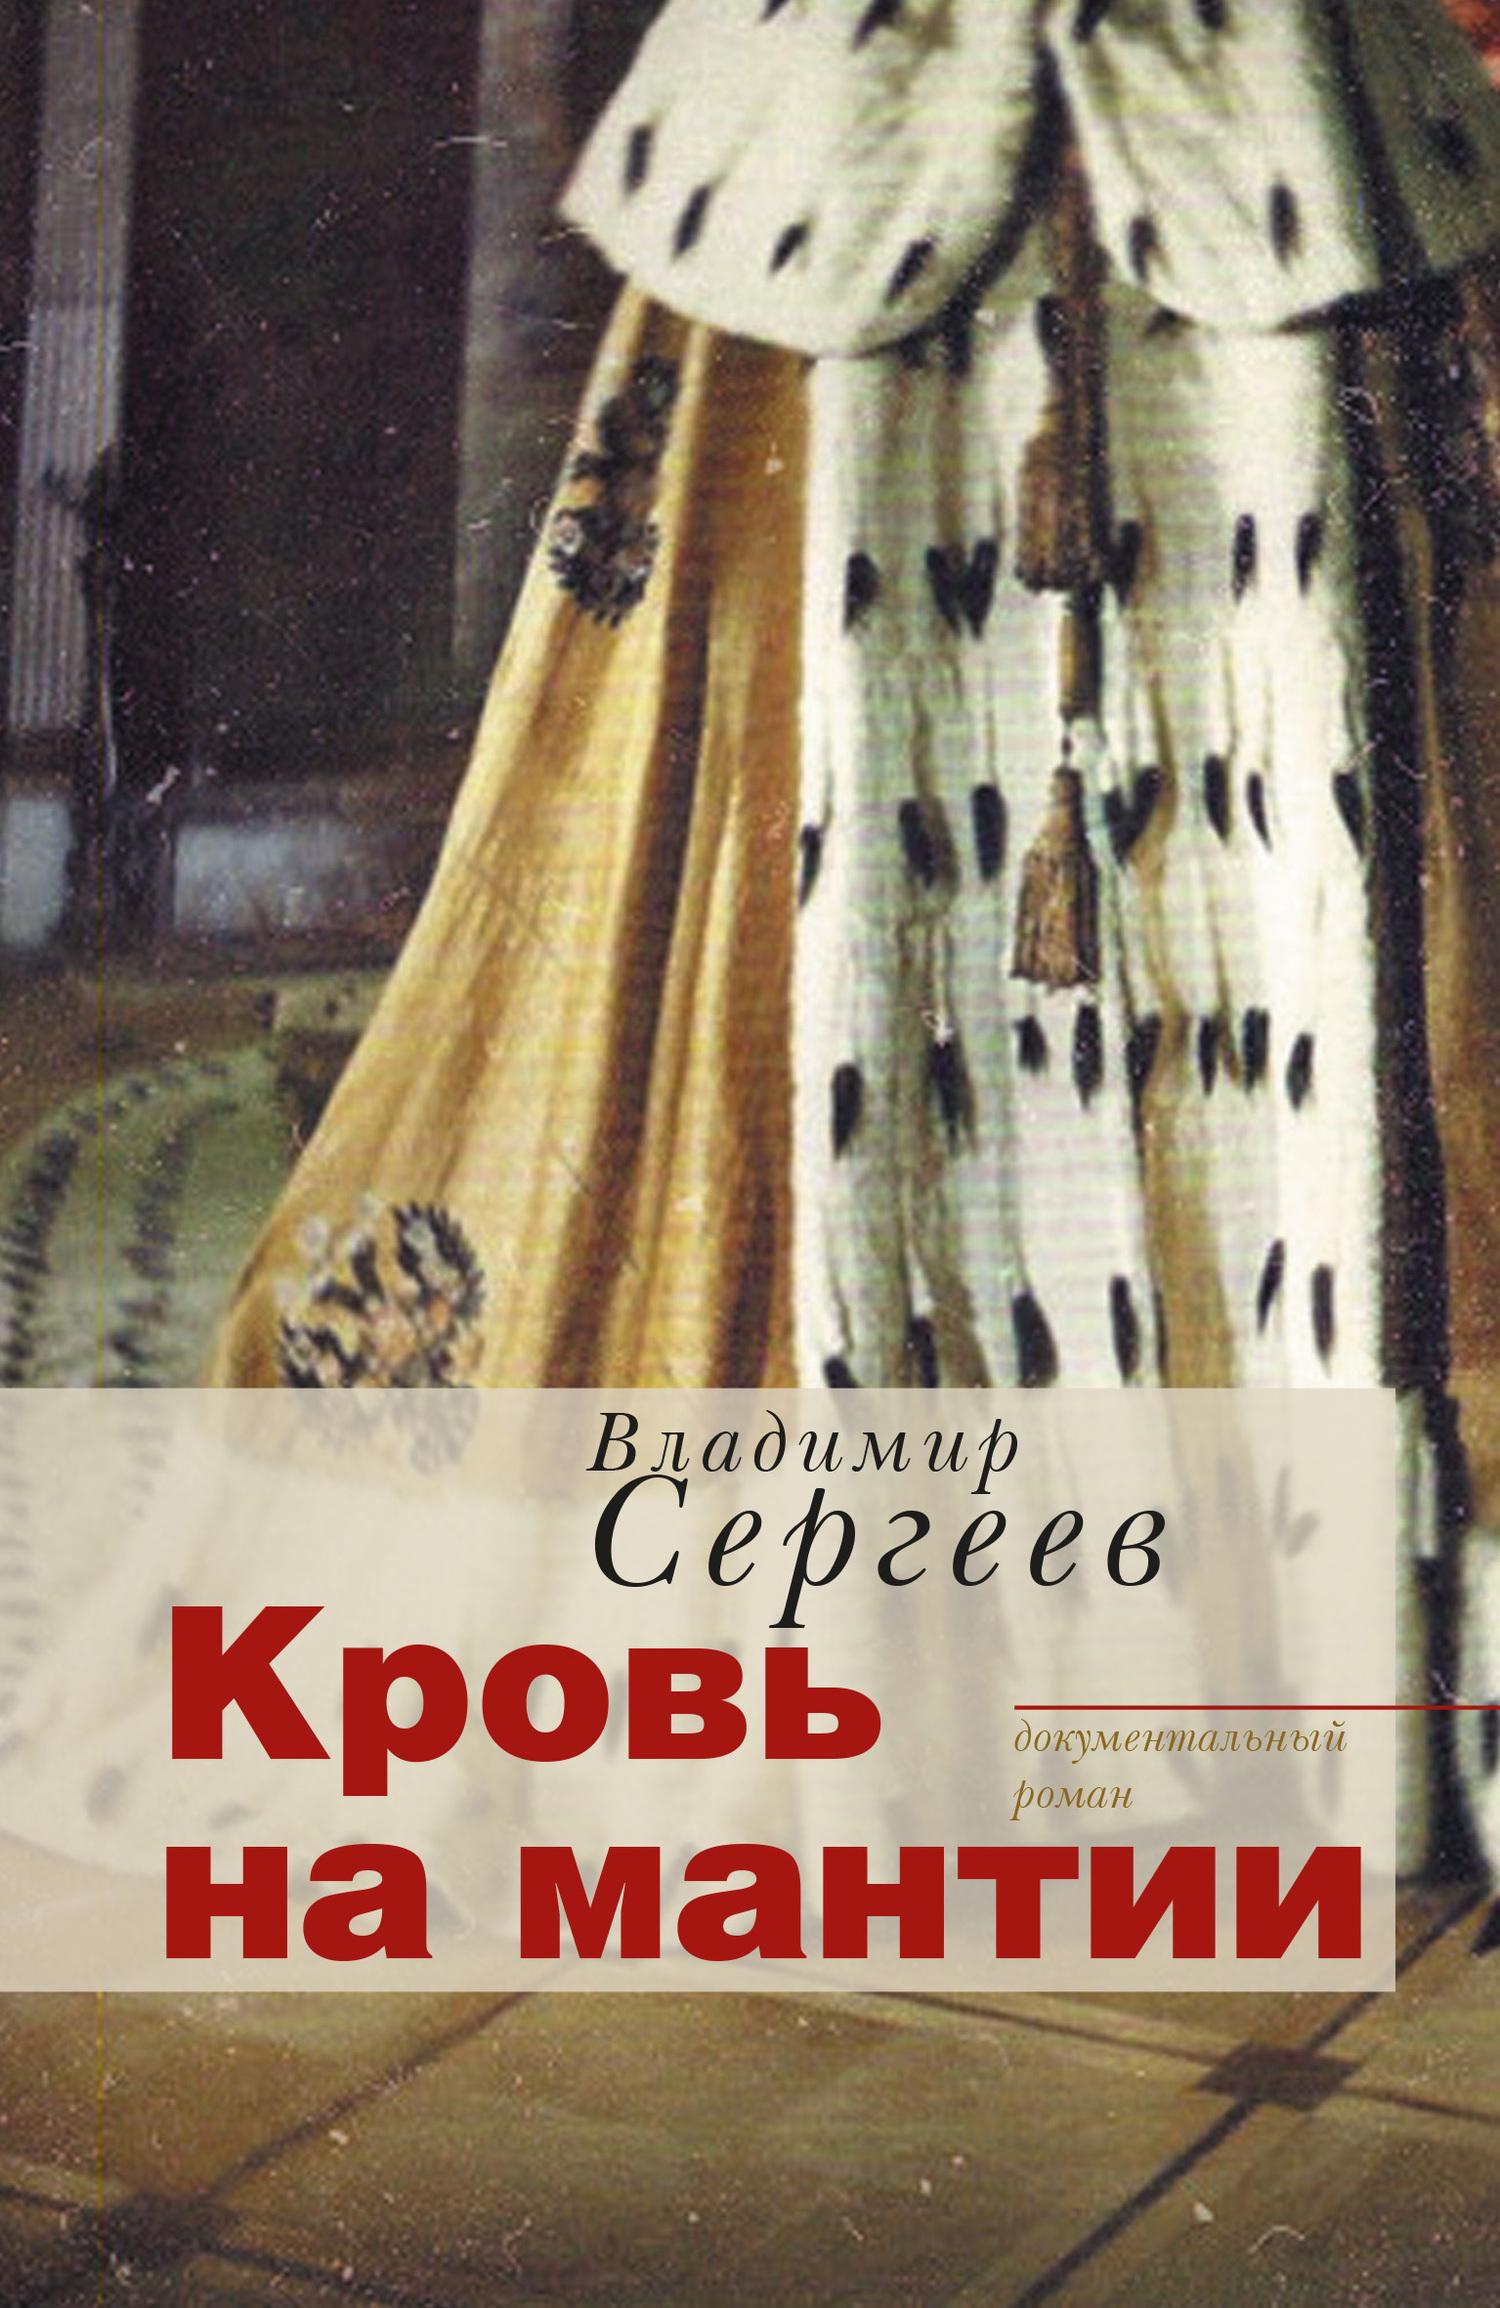 Владимир Сергеев. Кровь на мантии. Документальный роман